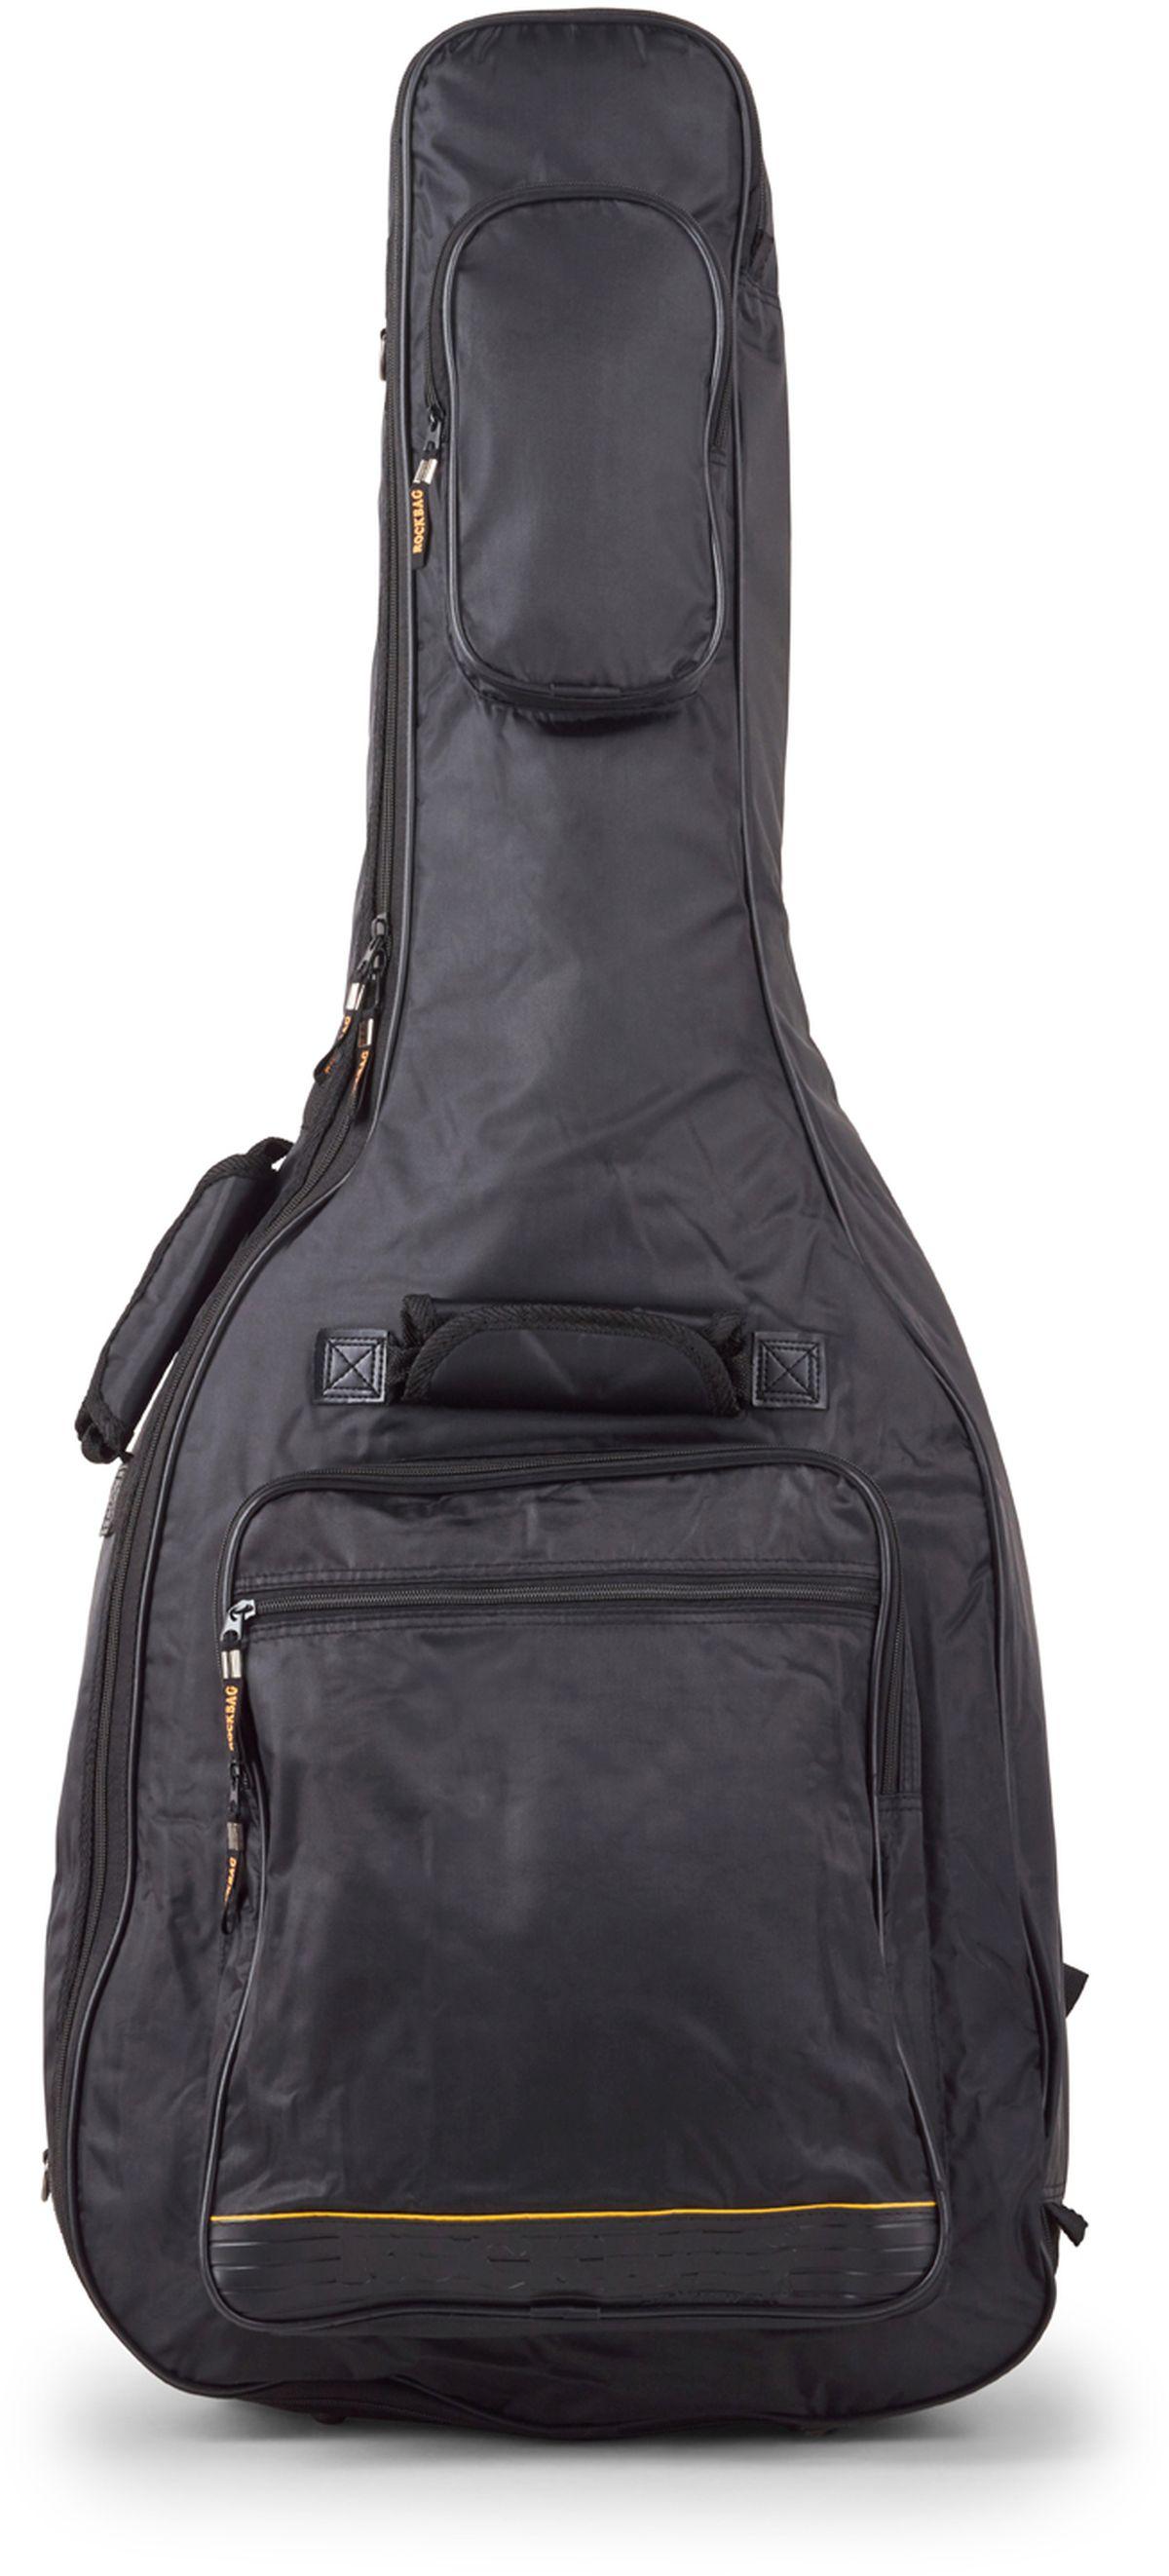 Rockbag RB 20509 B